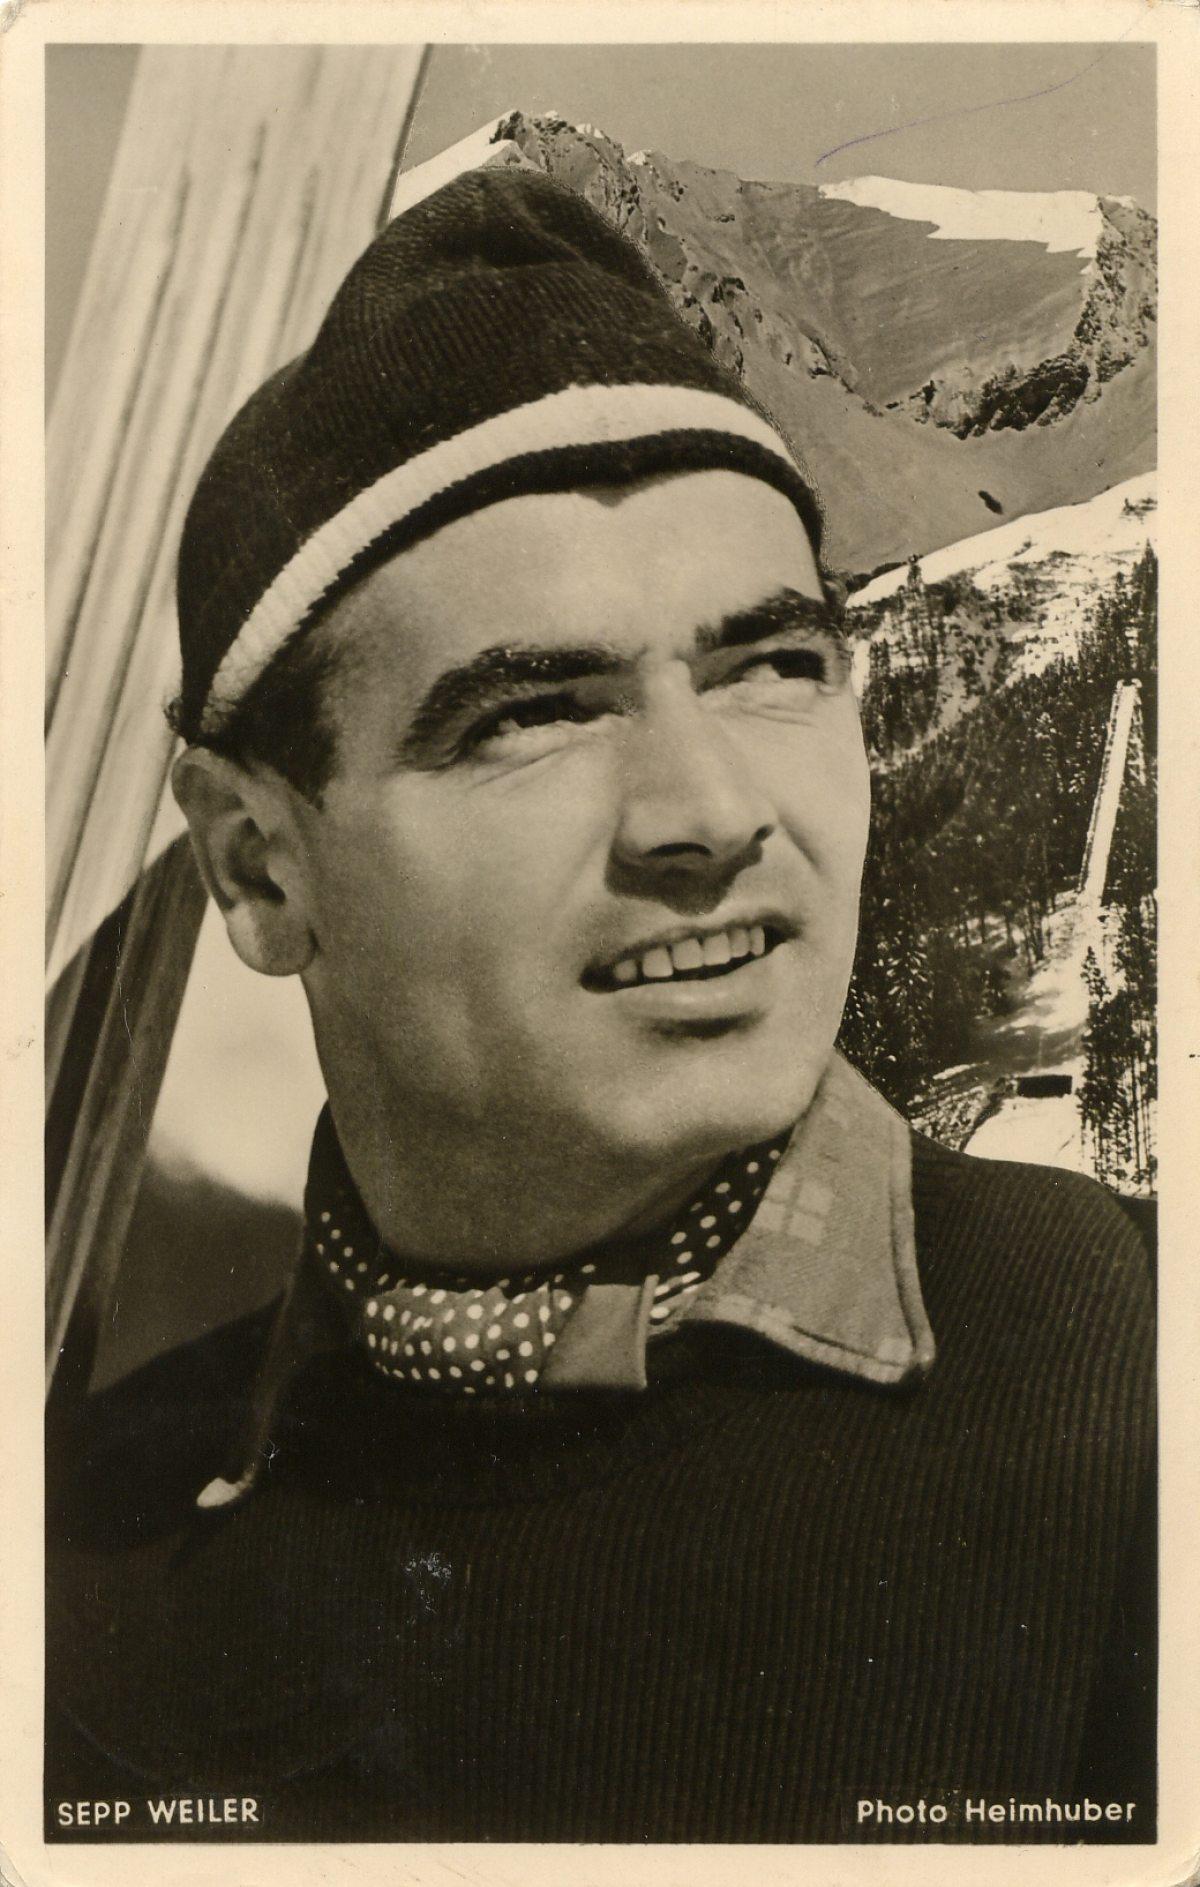 Skispringer Sepp Weiler